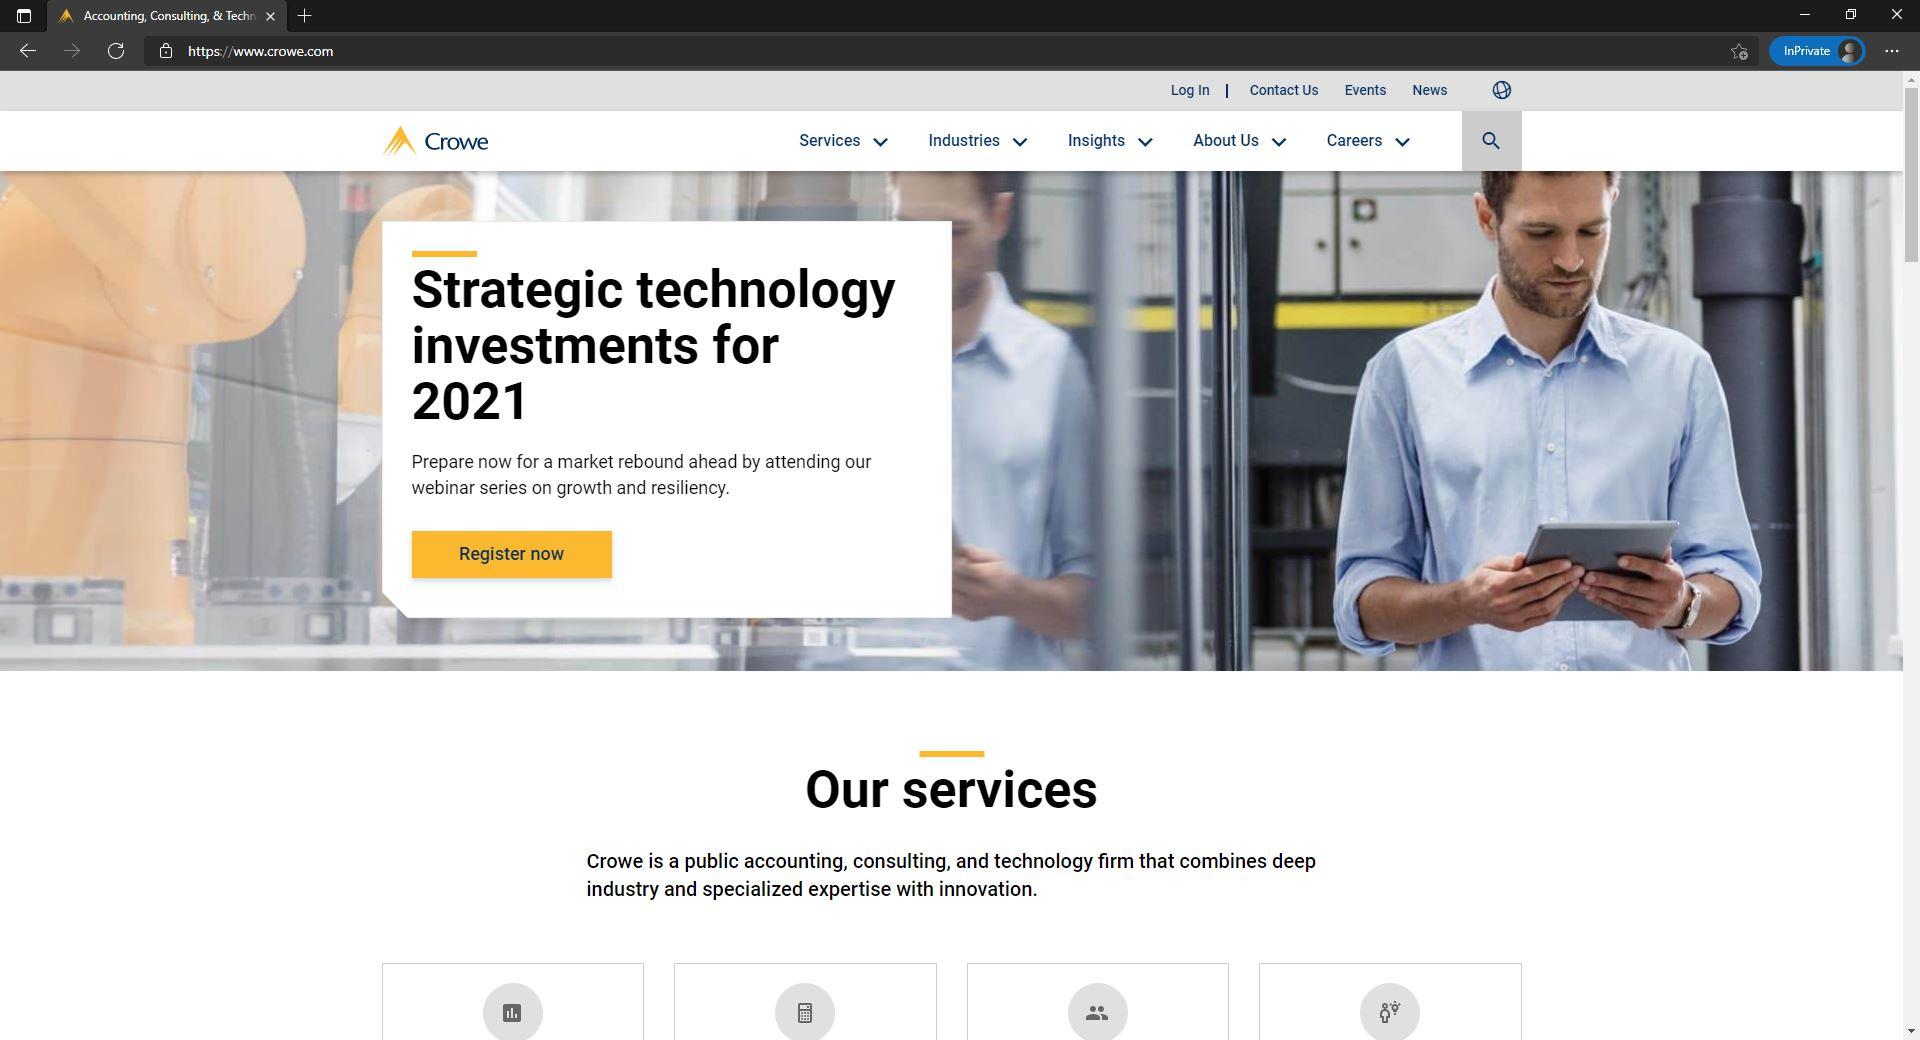 Crowe website homepage